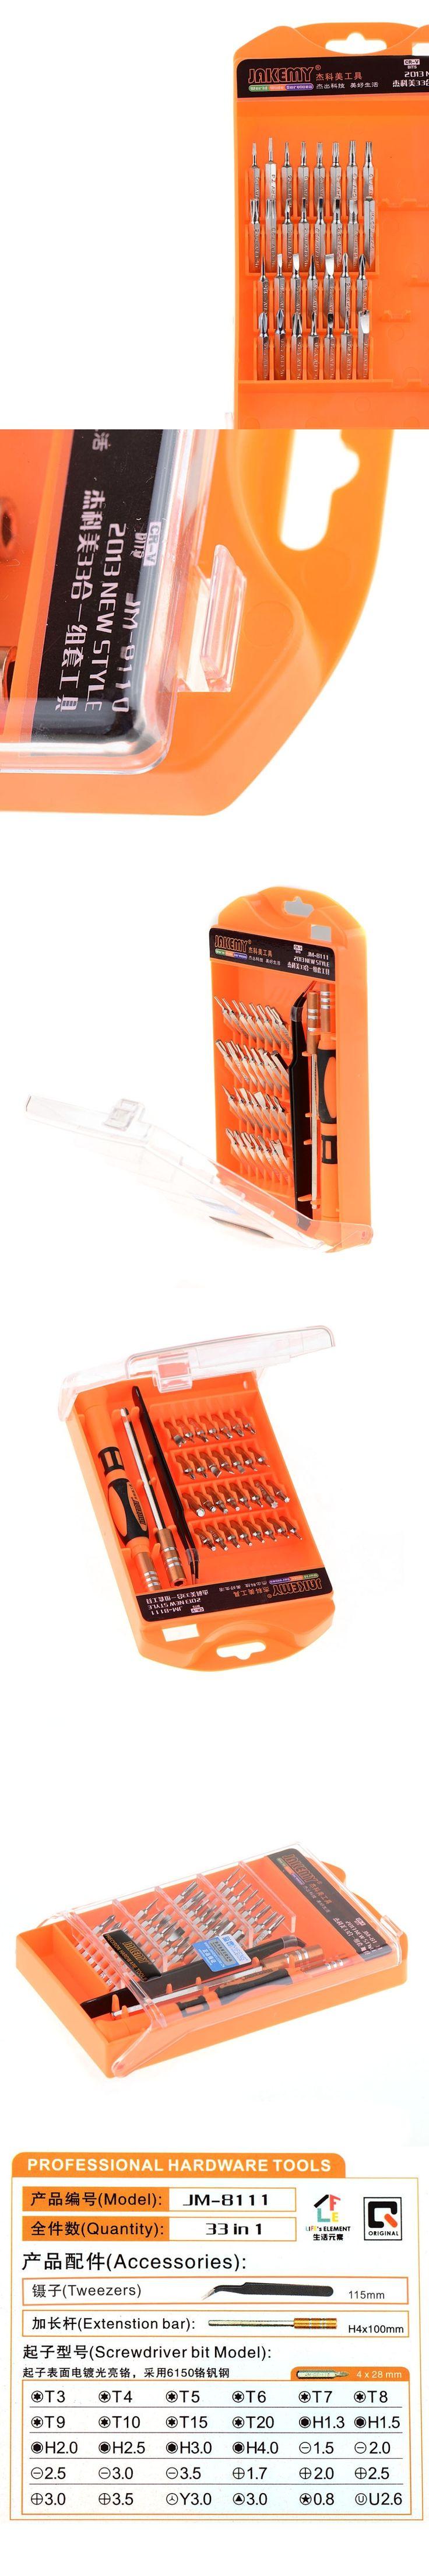 New 33 in 1 Screwdriver Set PC Hard Drive Printer Shaver Repair Kit Tools VEL01 T30